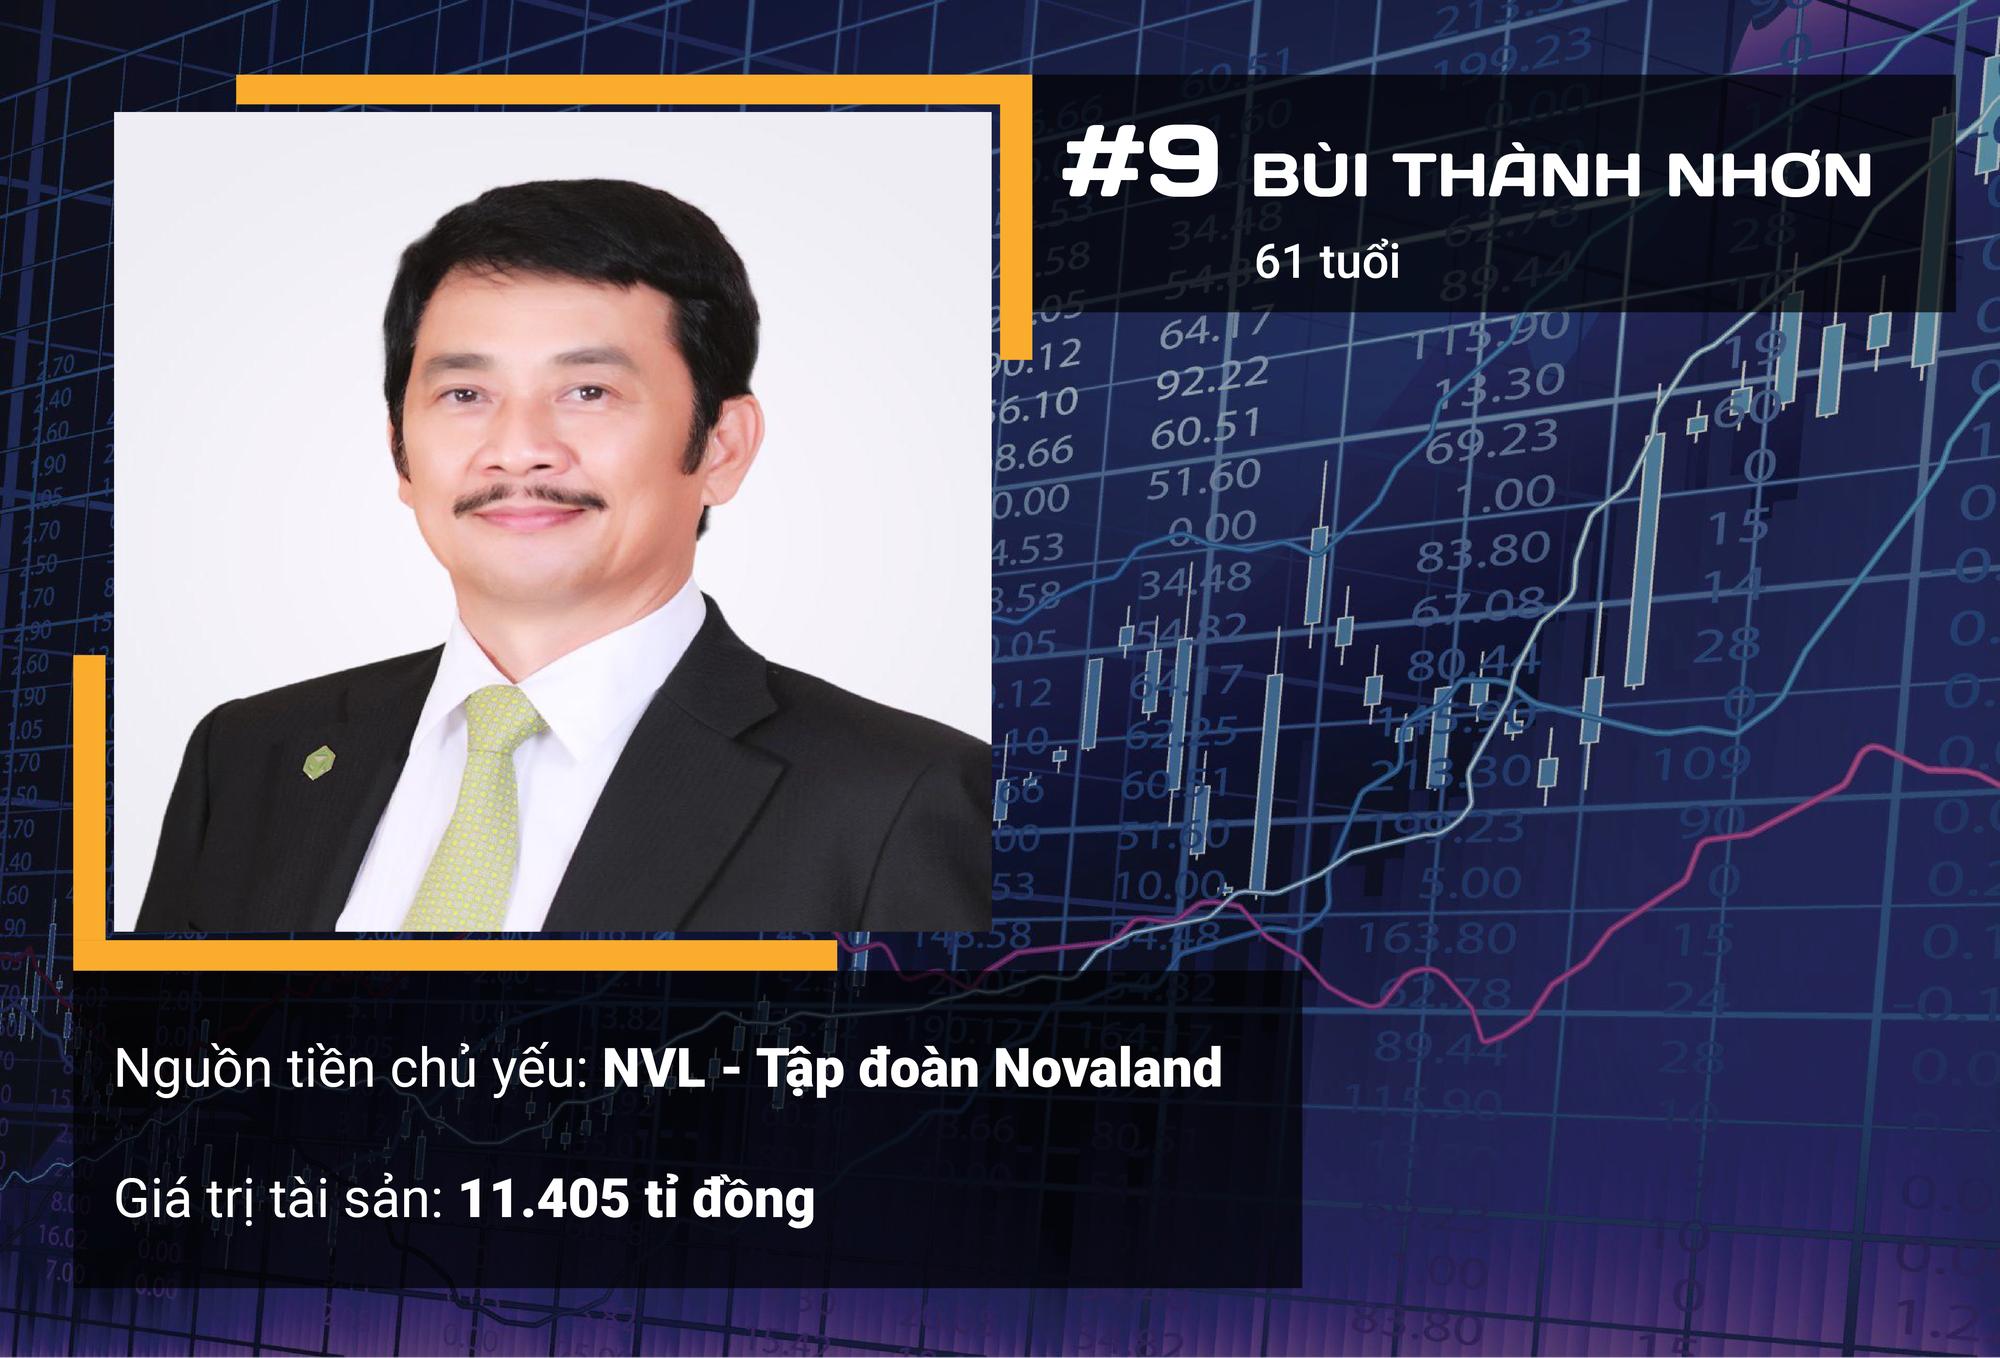 Ngoài ông Phạm Nhật Vượng, ai là 10 người giàu nhất sàn chứng khoán Việt năm 2019? - Ảnh 12.